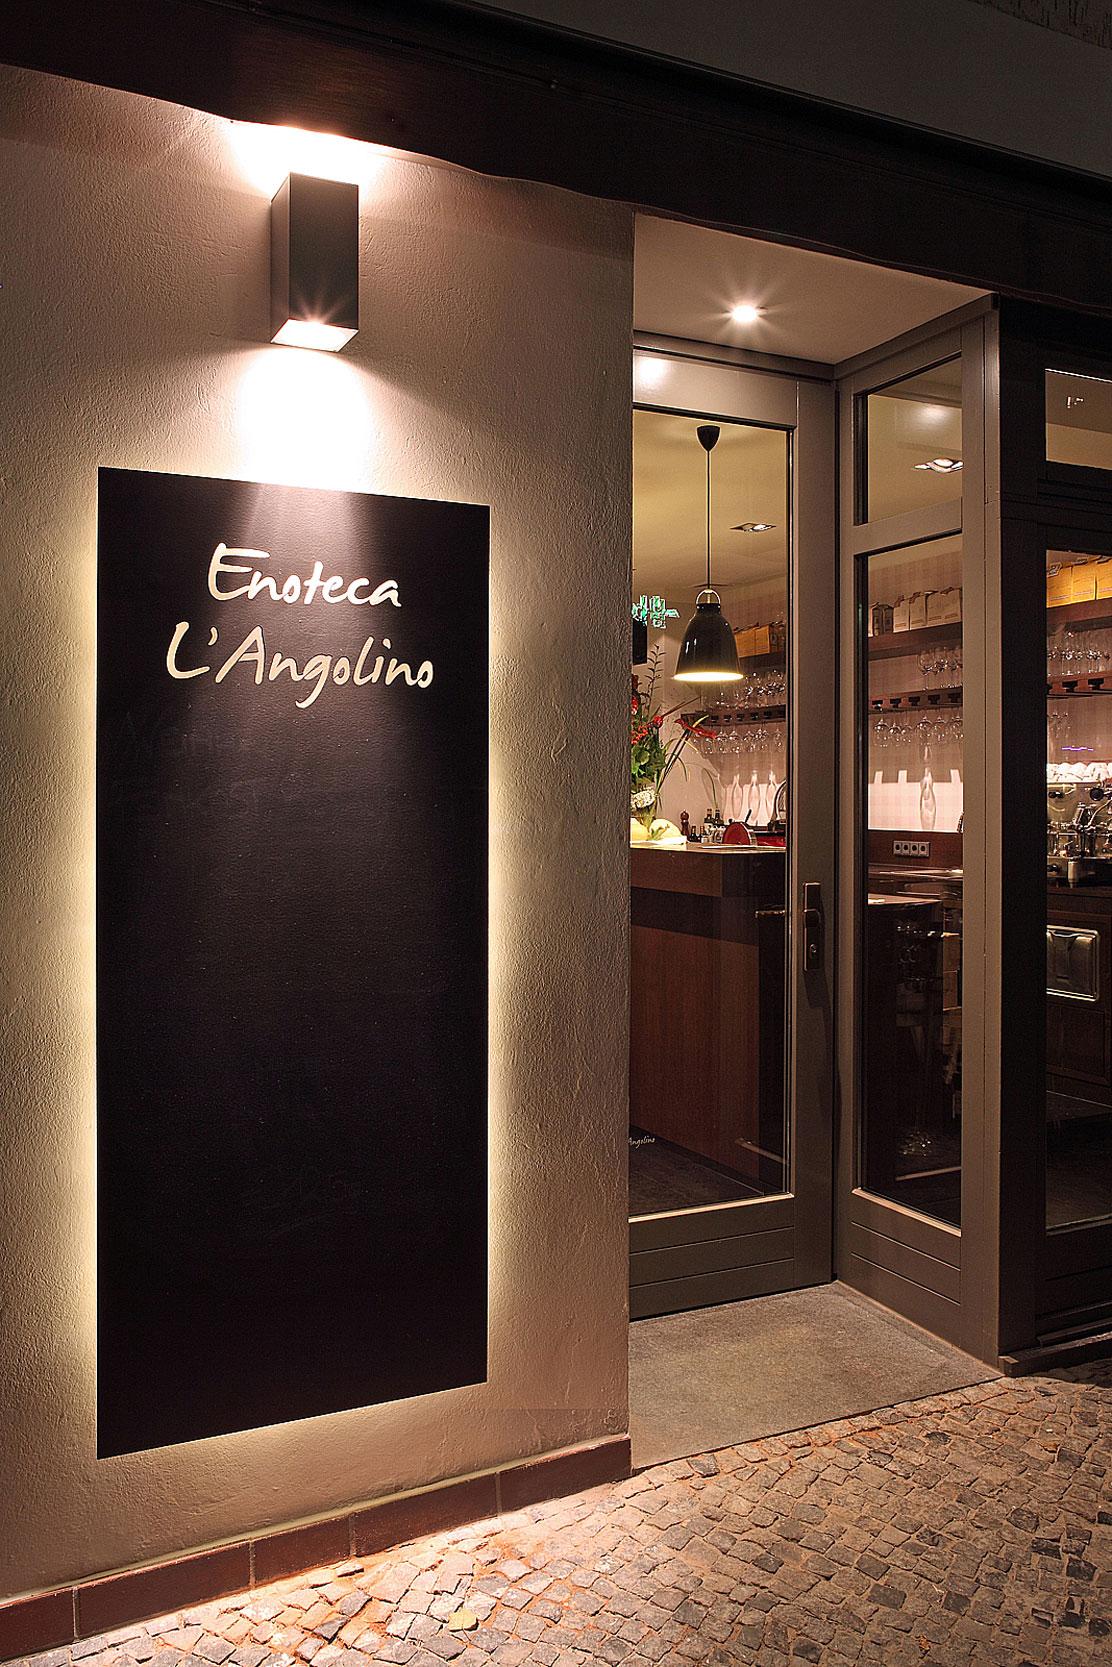 Der Eingangsbereich des Restaurants mit der Speisekarte aus Schiefer